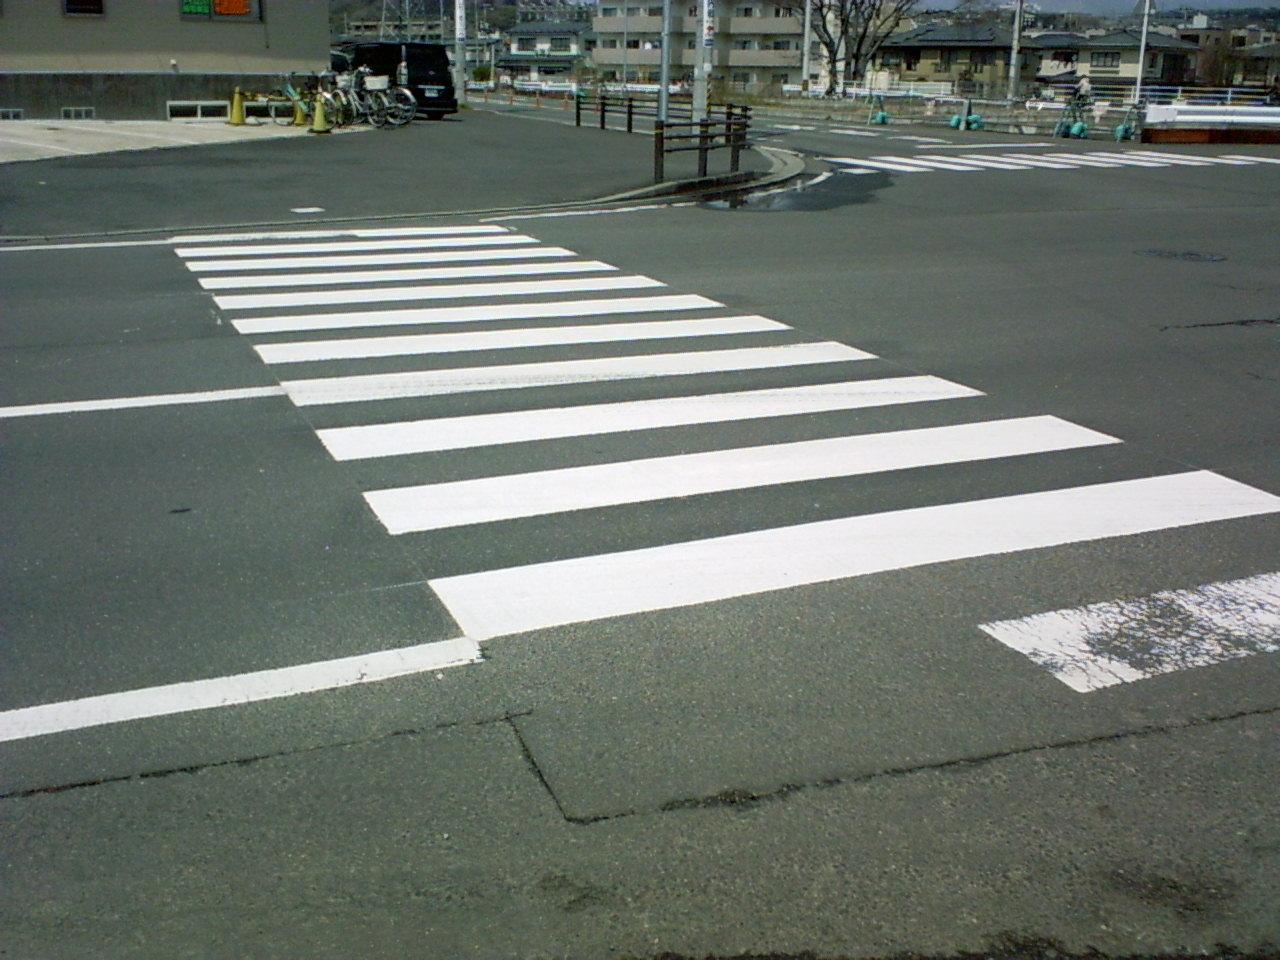 横断歩道 自動車を運転していて、信号のない横断歩道に、差しかかったとき。 歩道に...  クルマ